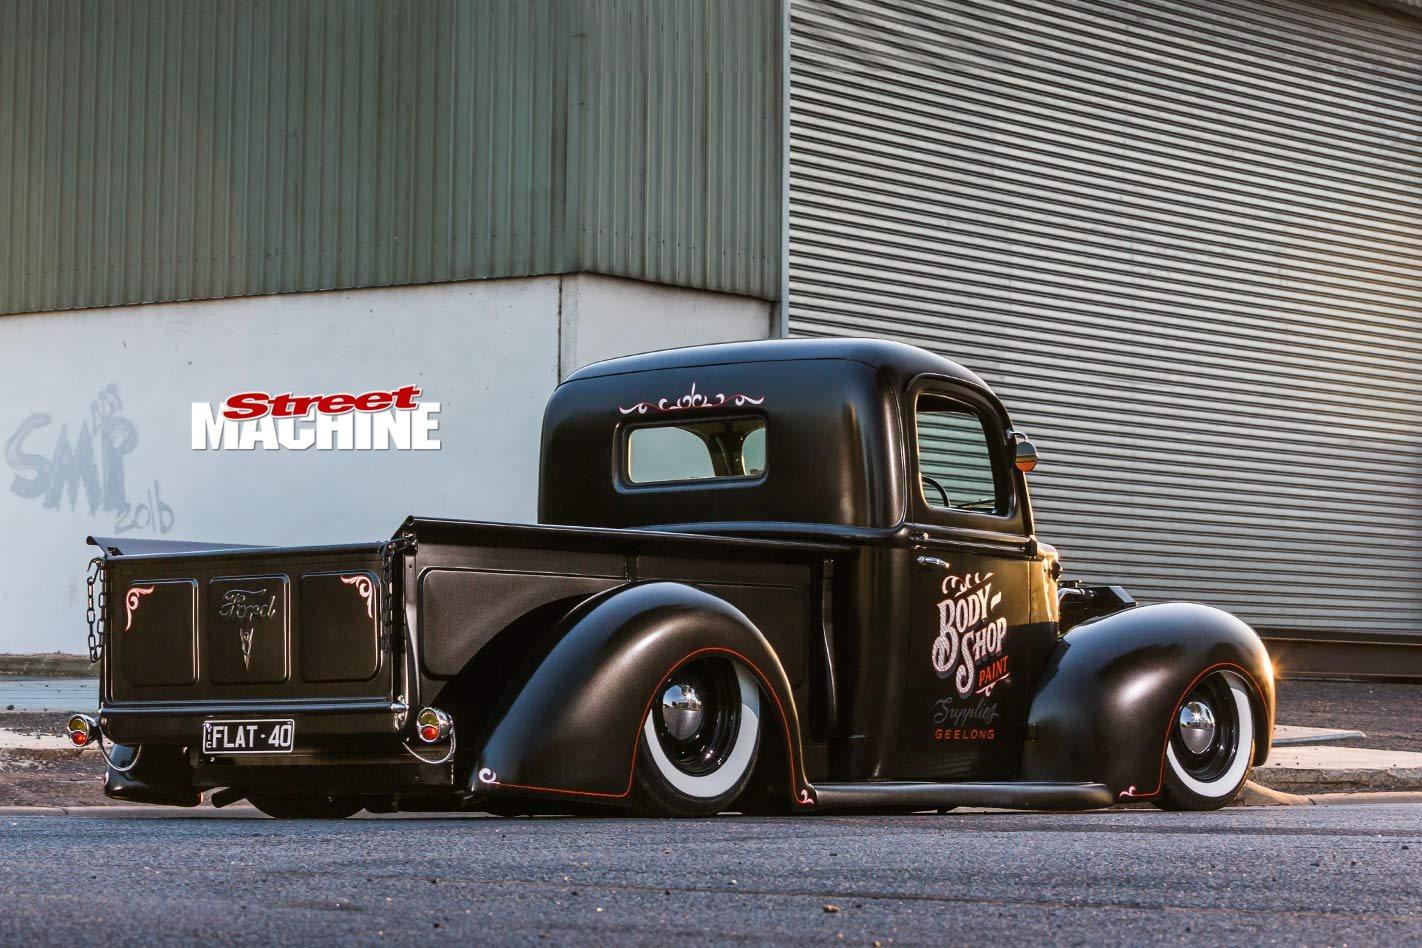 Slammed Ford Flathead V8-powered 1940 pick-up